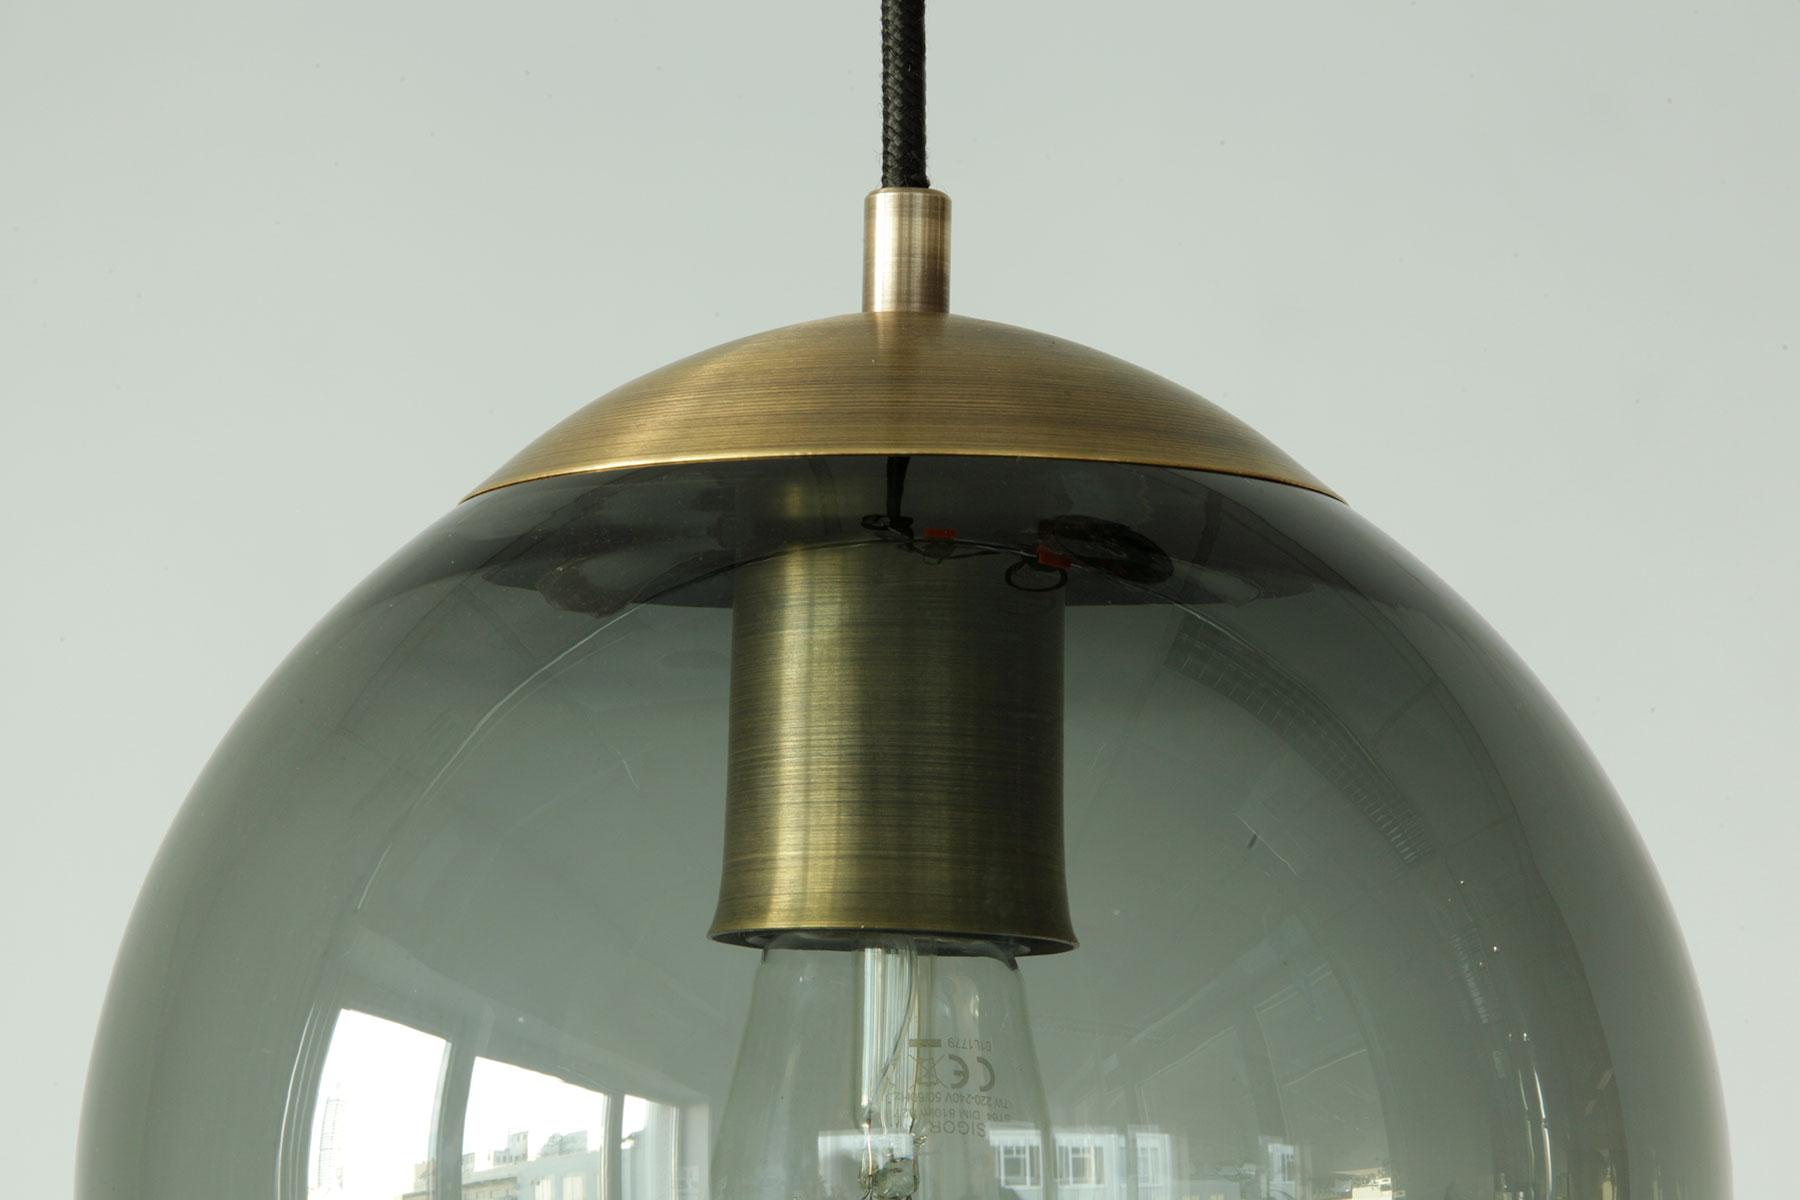 Pendelleuchte draht kugel drahtkugel lampen gebraucht for Pendelleuchte kugel draht